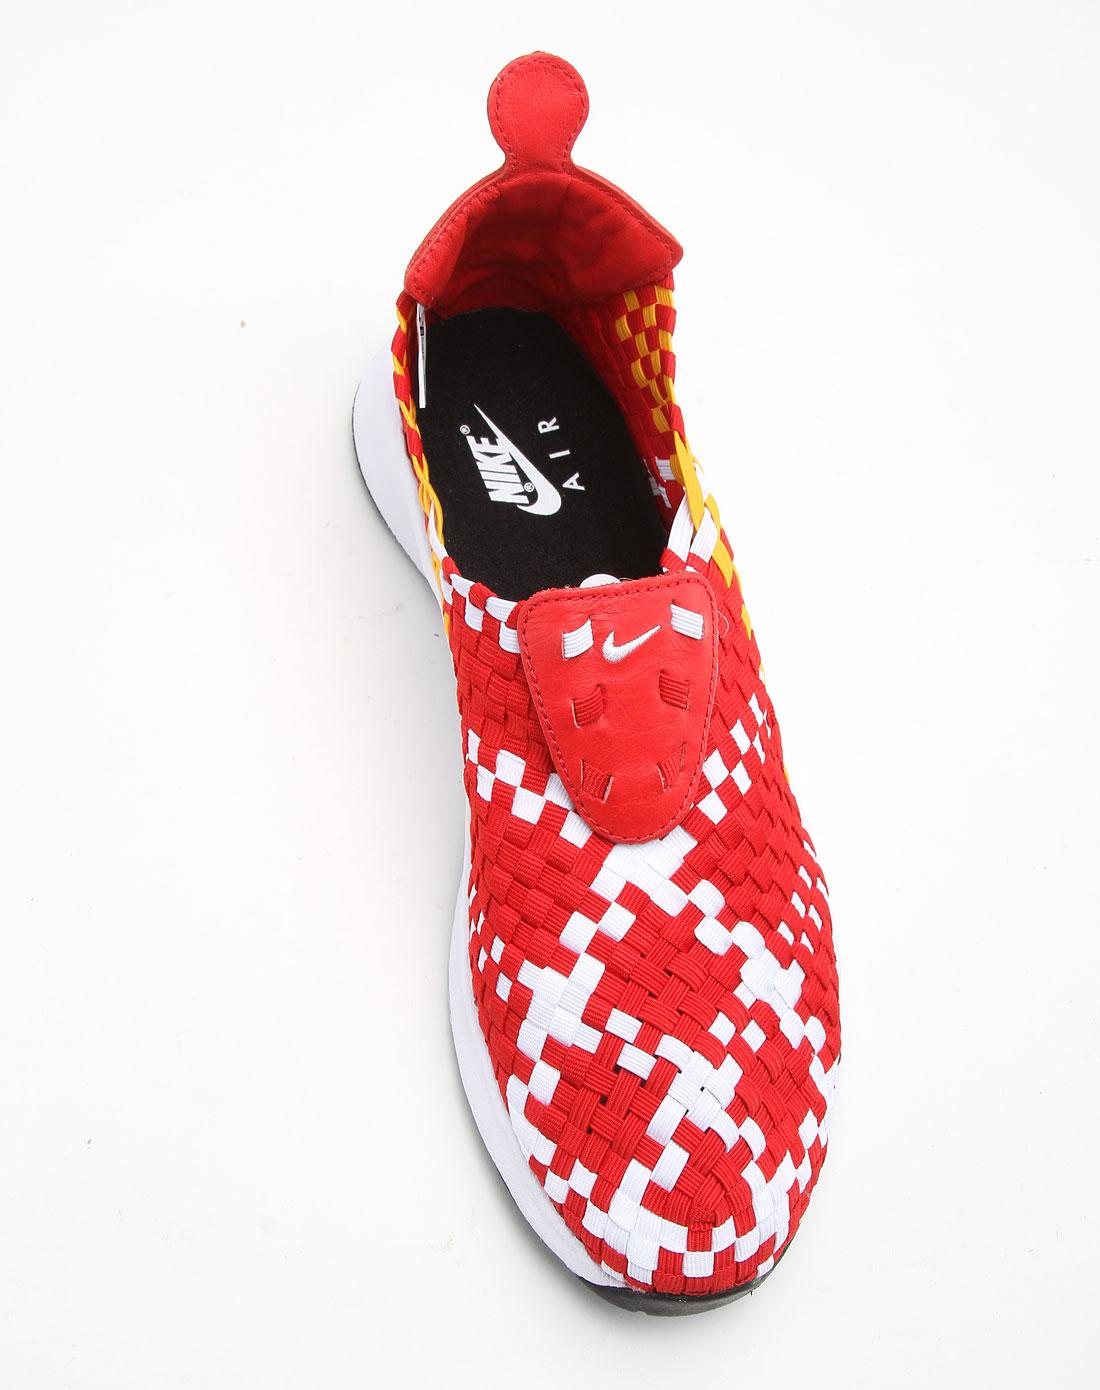 耐克nike男女鞋-经典专场男款红色编织面时尚运动